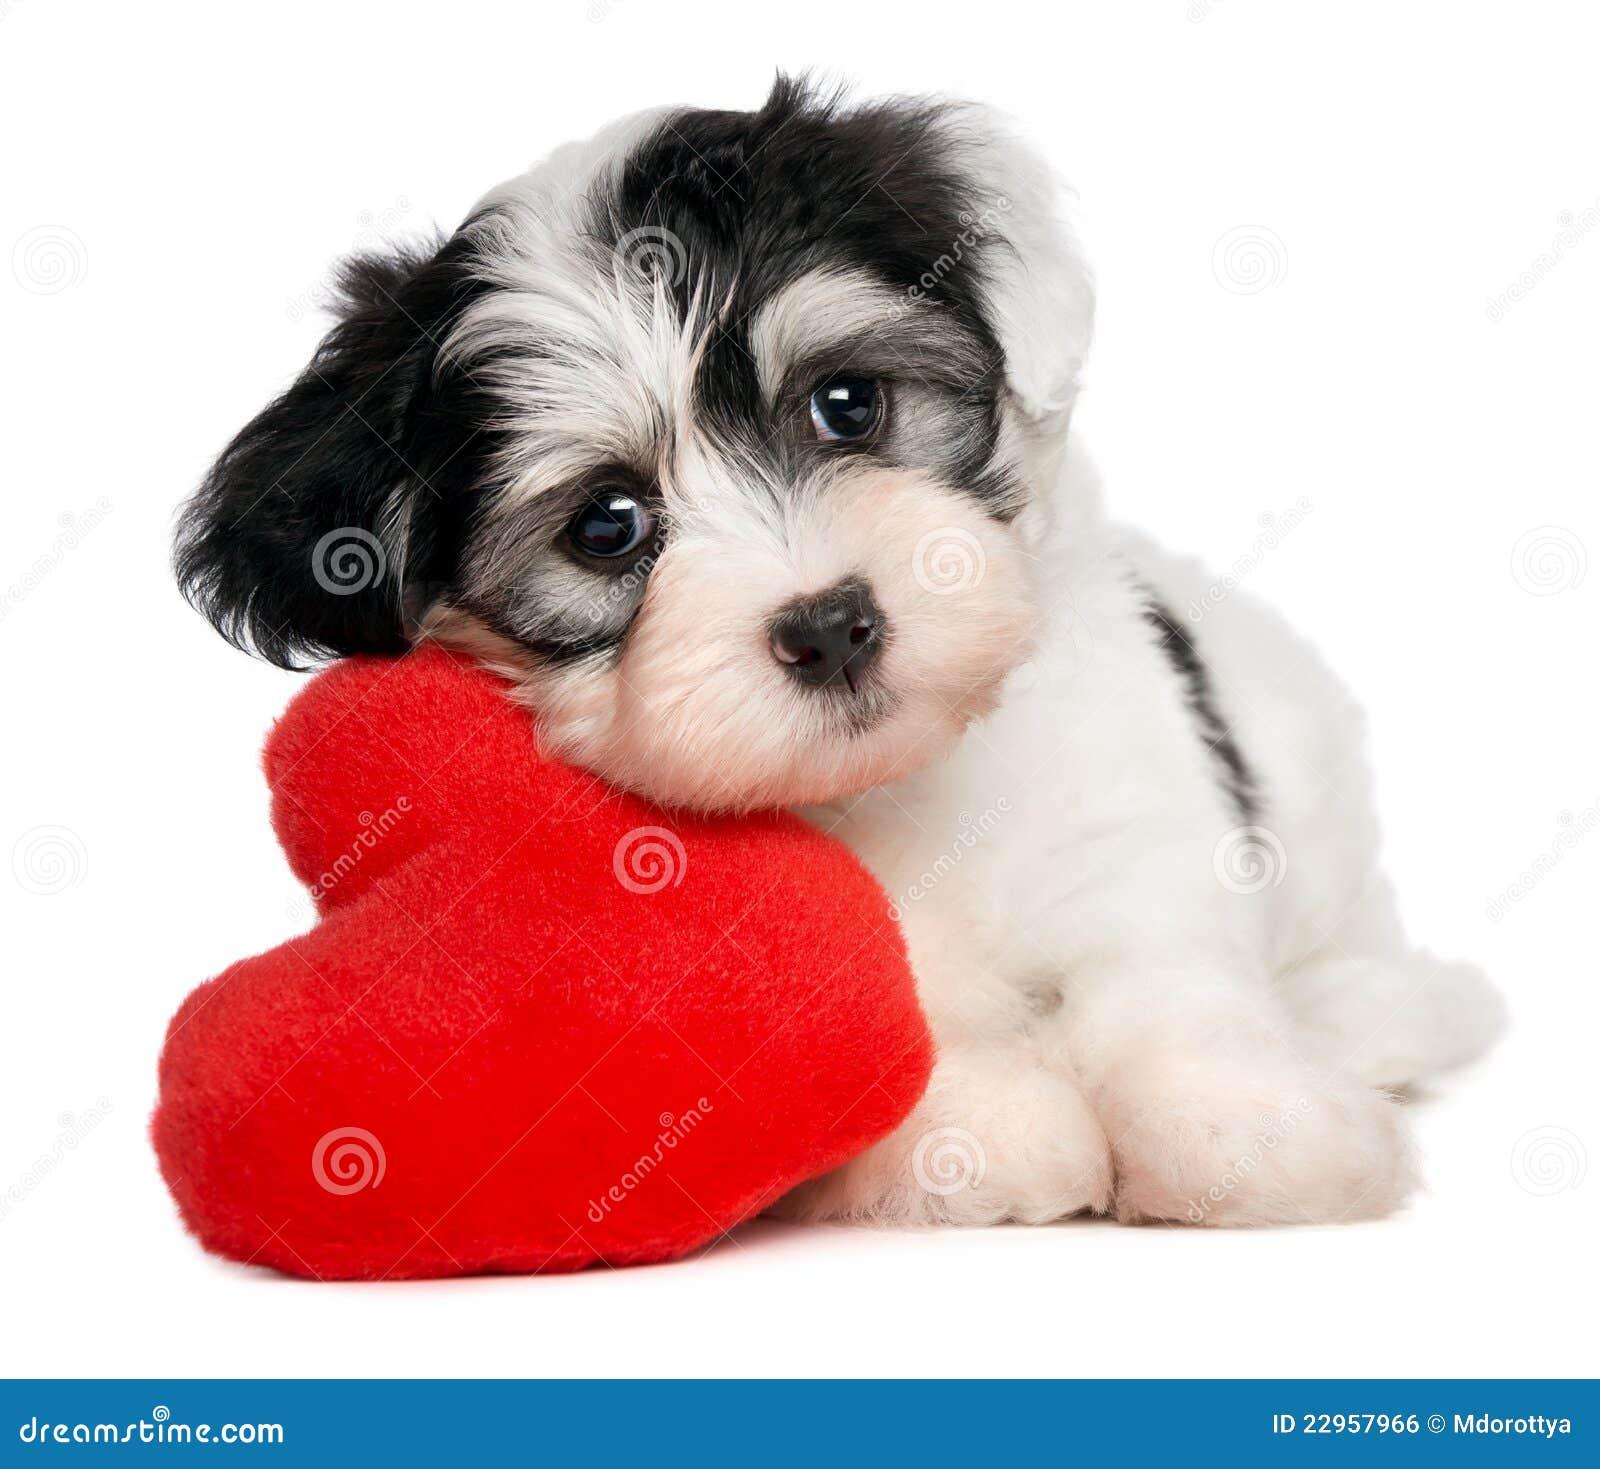 valentine puppy clipart - photo #36